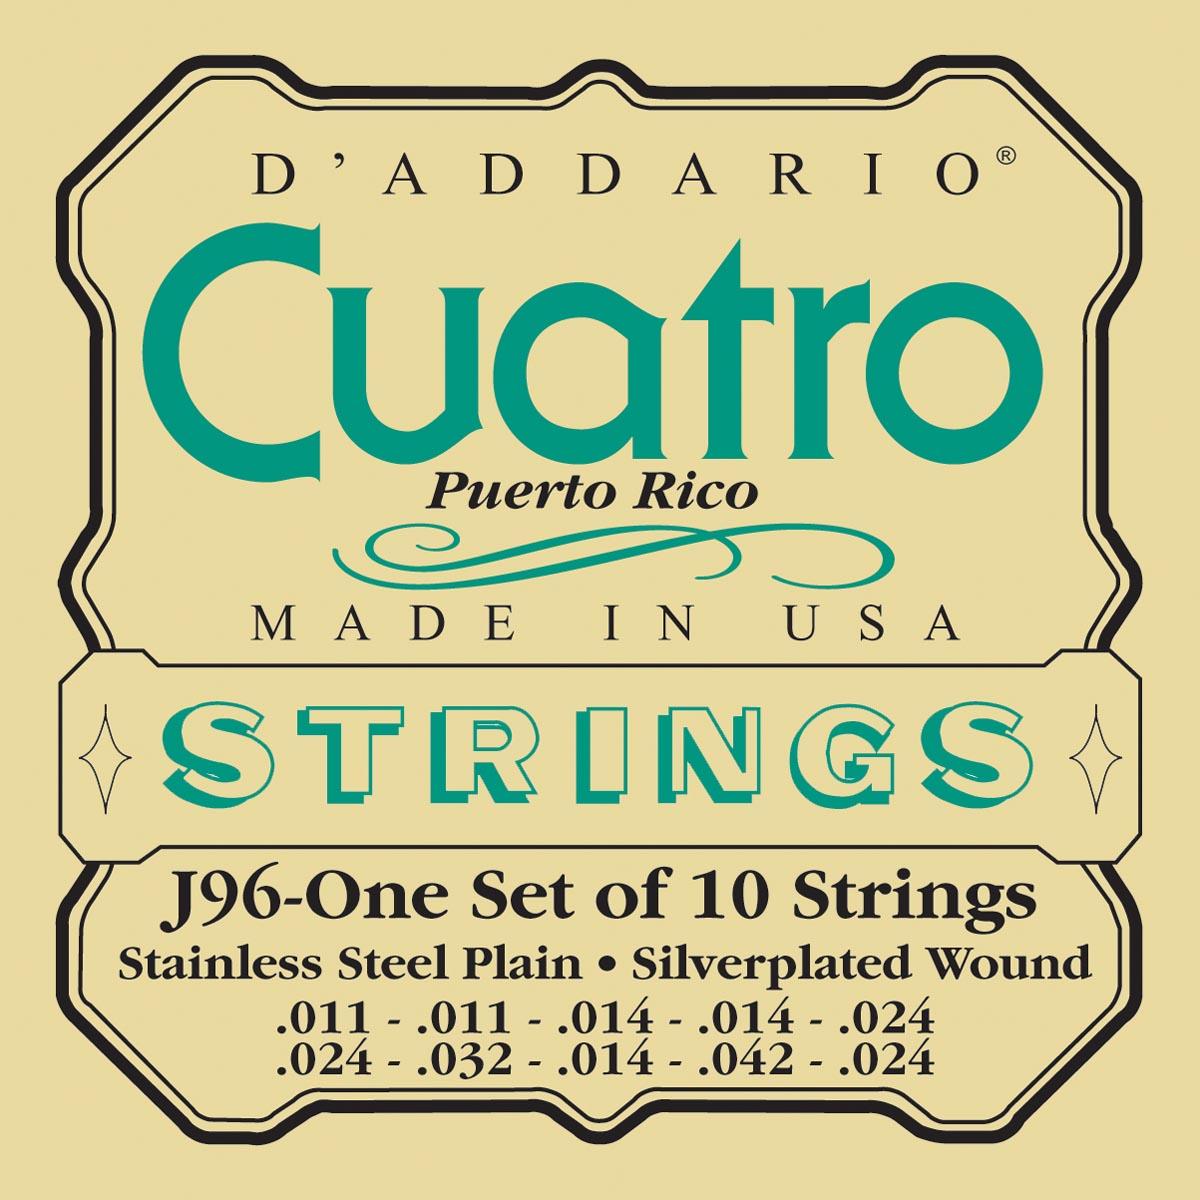 DADDARIO J96 CUATRO PUERTO RICO